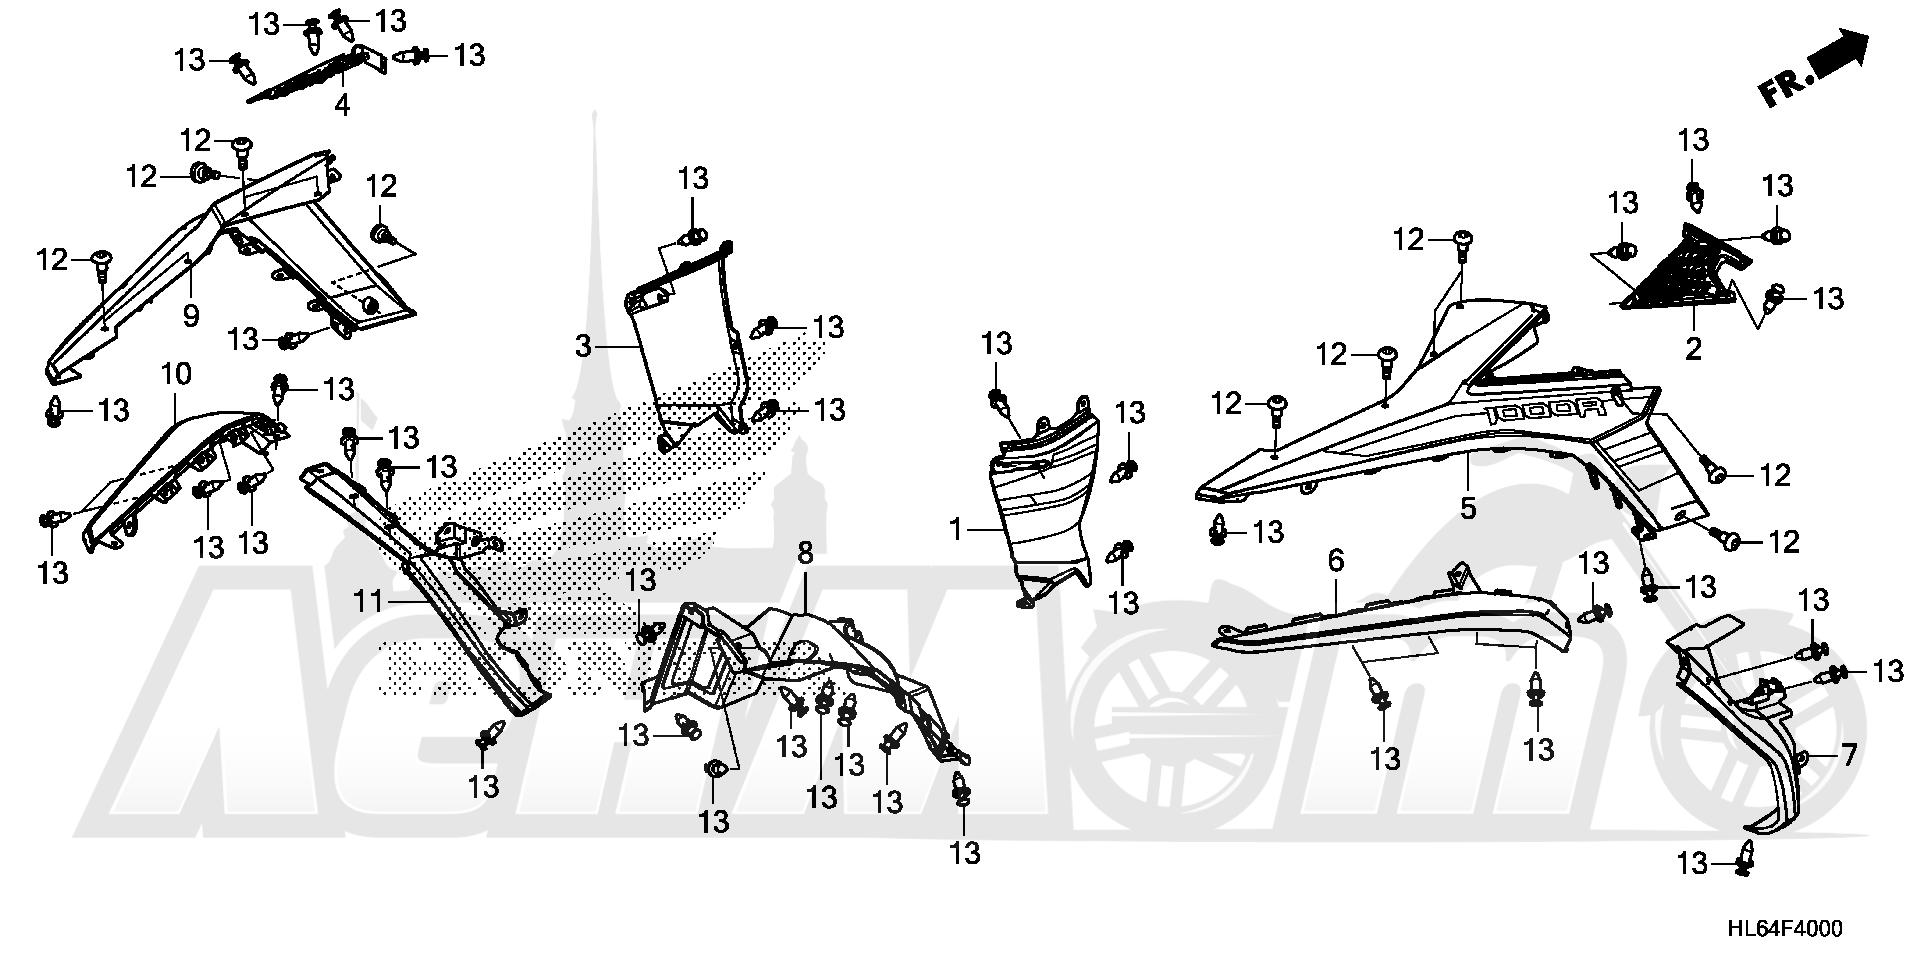 Запчасти для Квадроцикла Honda 2019 SXS1000S2R Раздел: REAR FENDER | заднее крыло